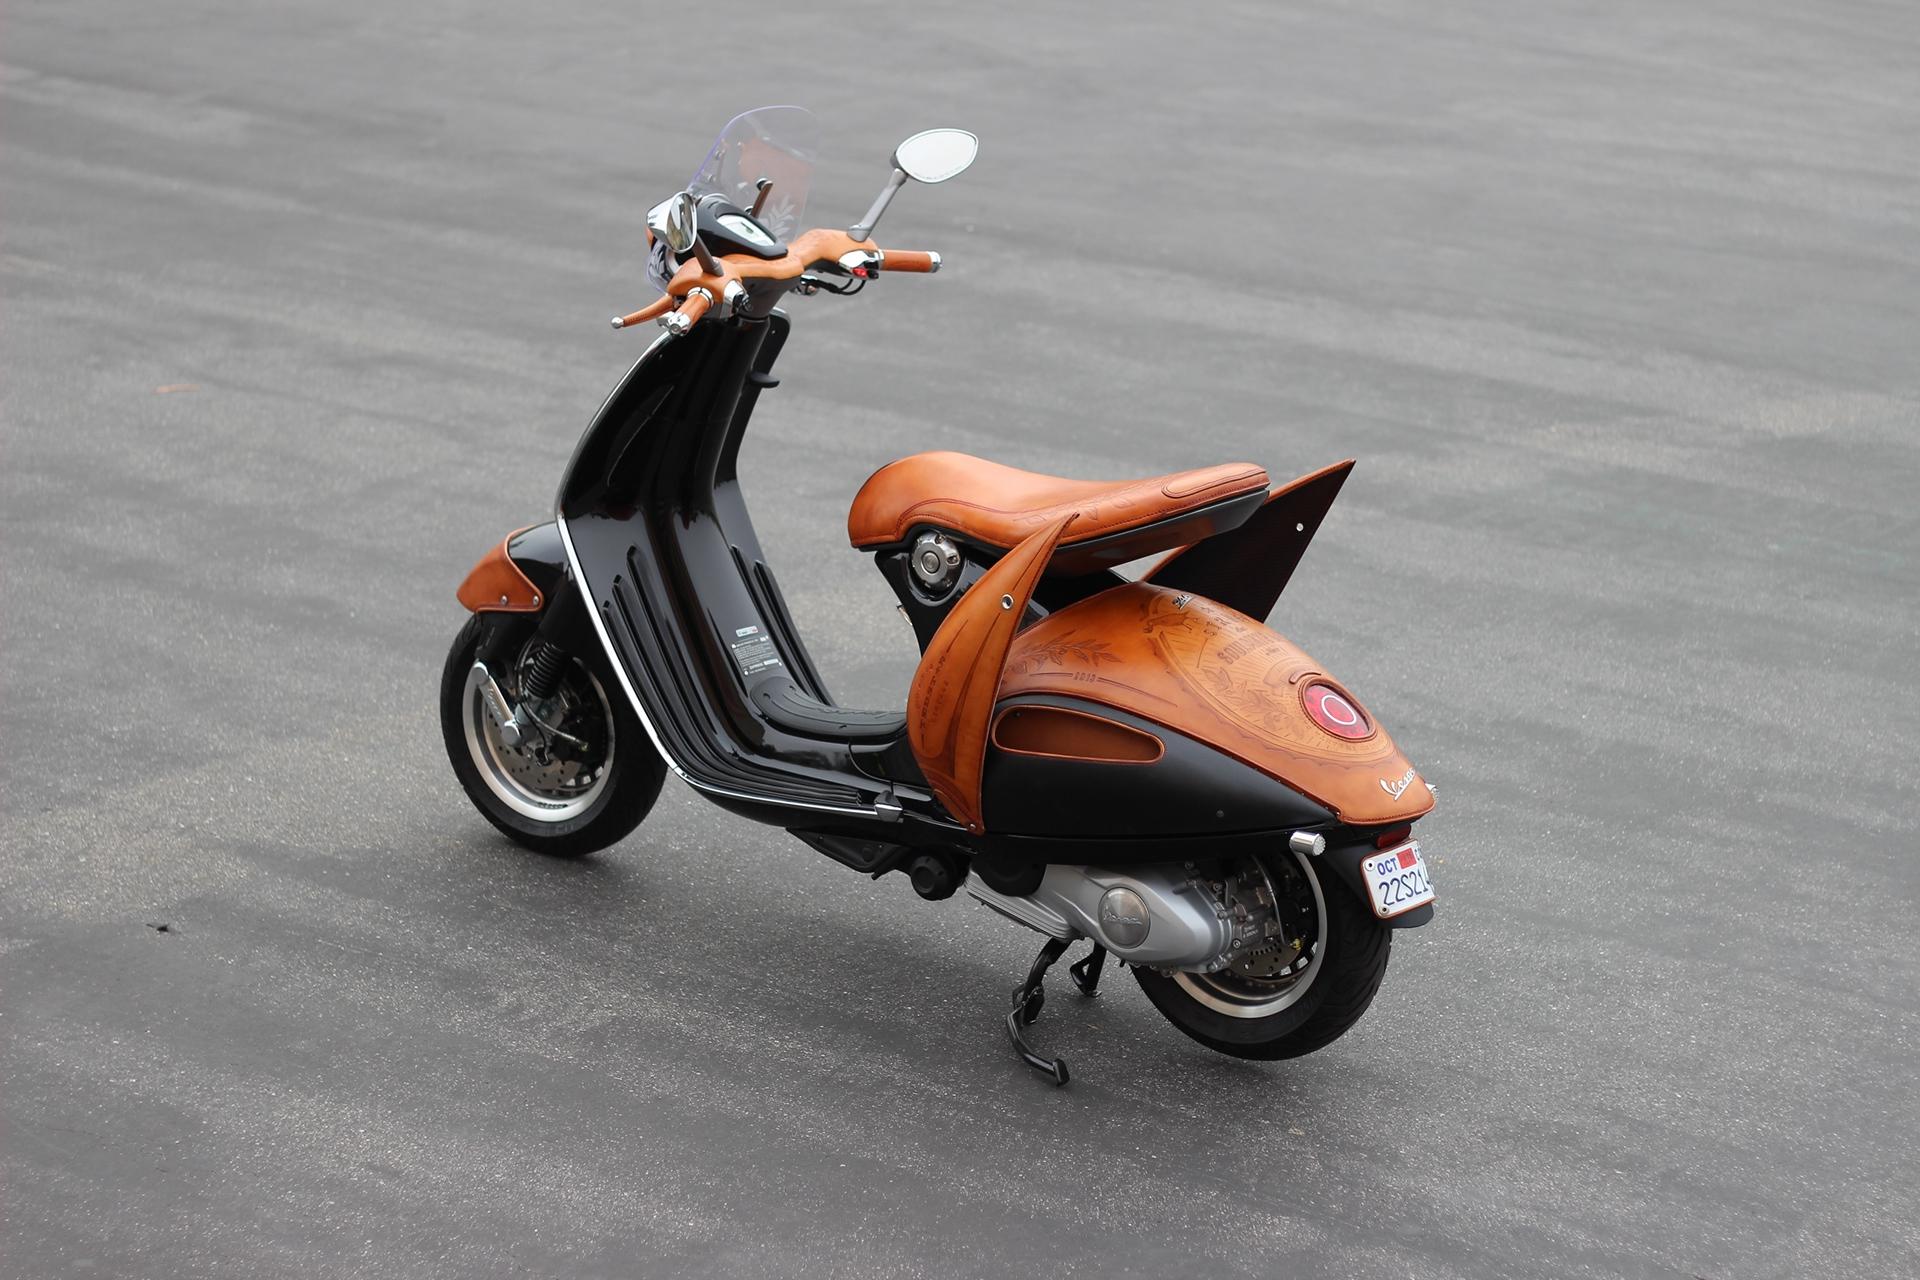 Vespa 946 Bellissima / TEDSTAR California custom on Behance